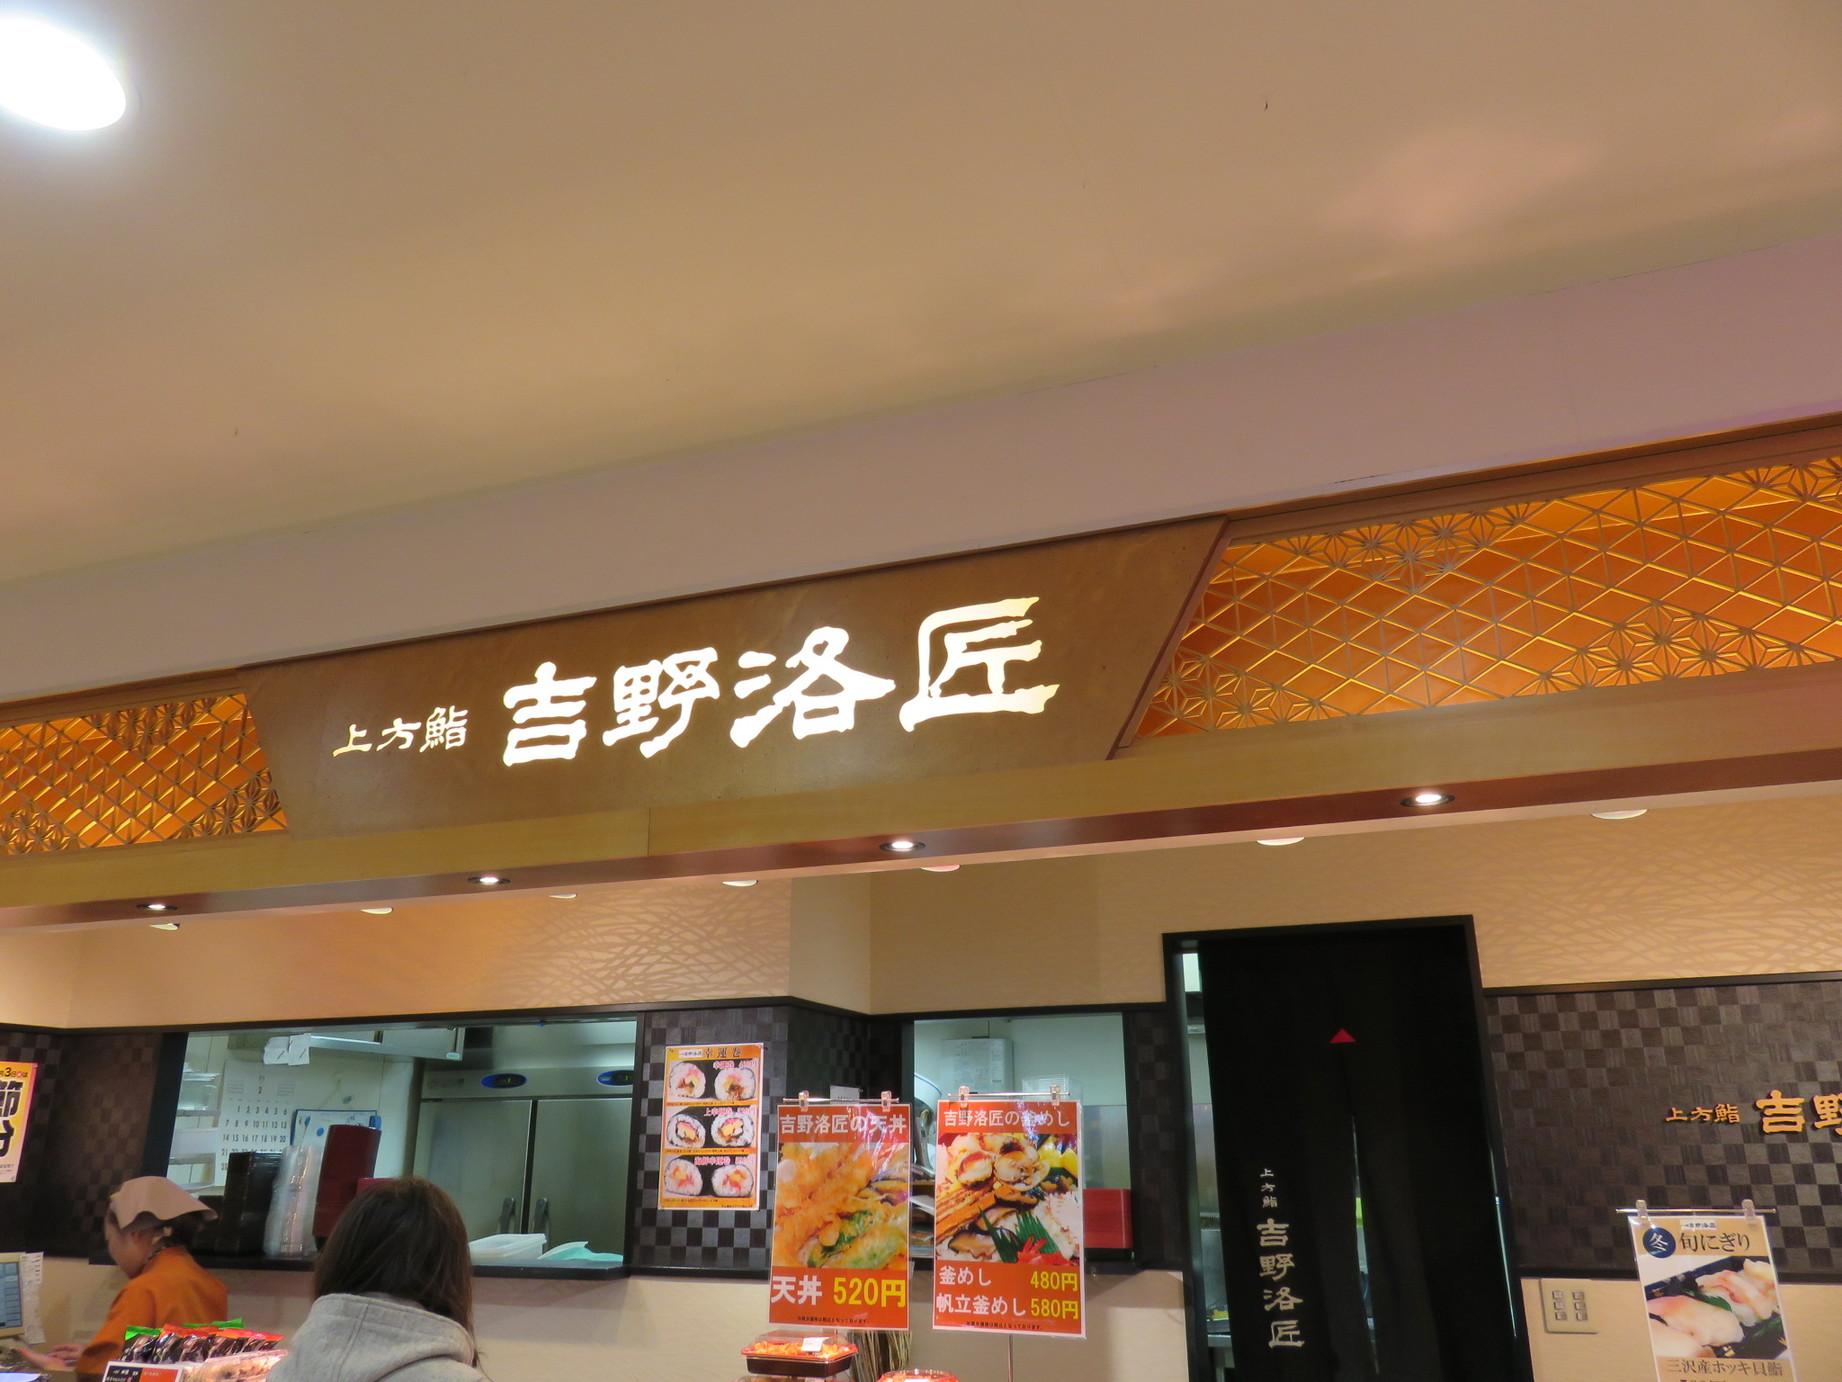 吉野洛匠 name=